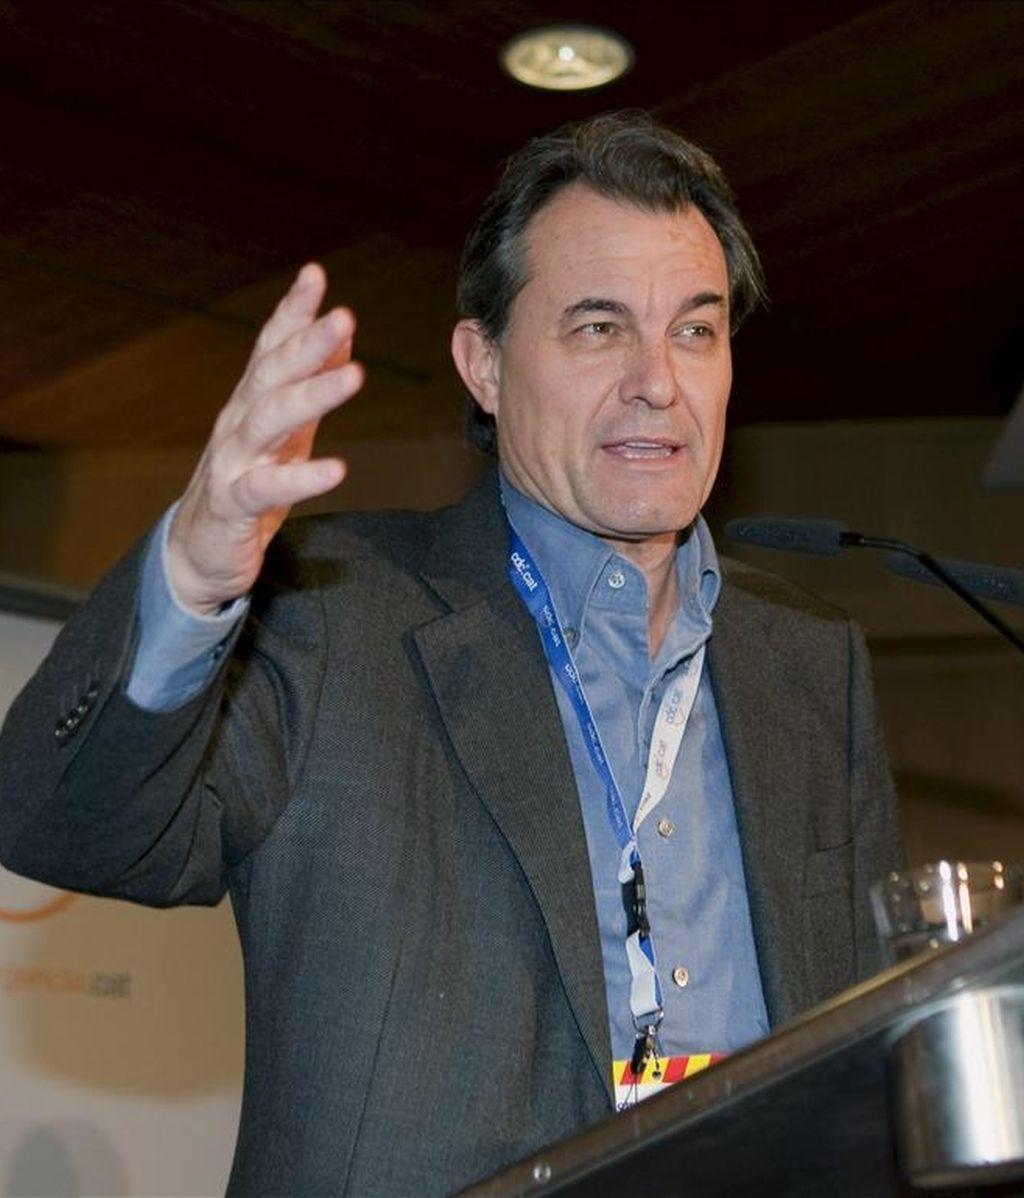 El presidente de la Generalitat, Artur Mas, durante su intervención en el Consell Nacional del partido celebrado hoy en Barcelona, donde ha sido elegido Oriol Pujol como nuevo secretario general adjunto de CDC. EFE